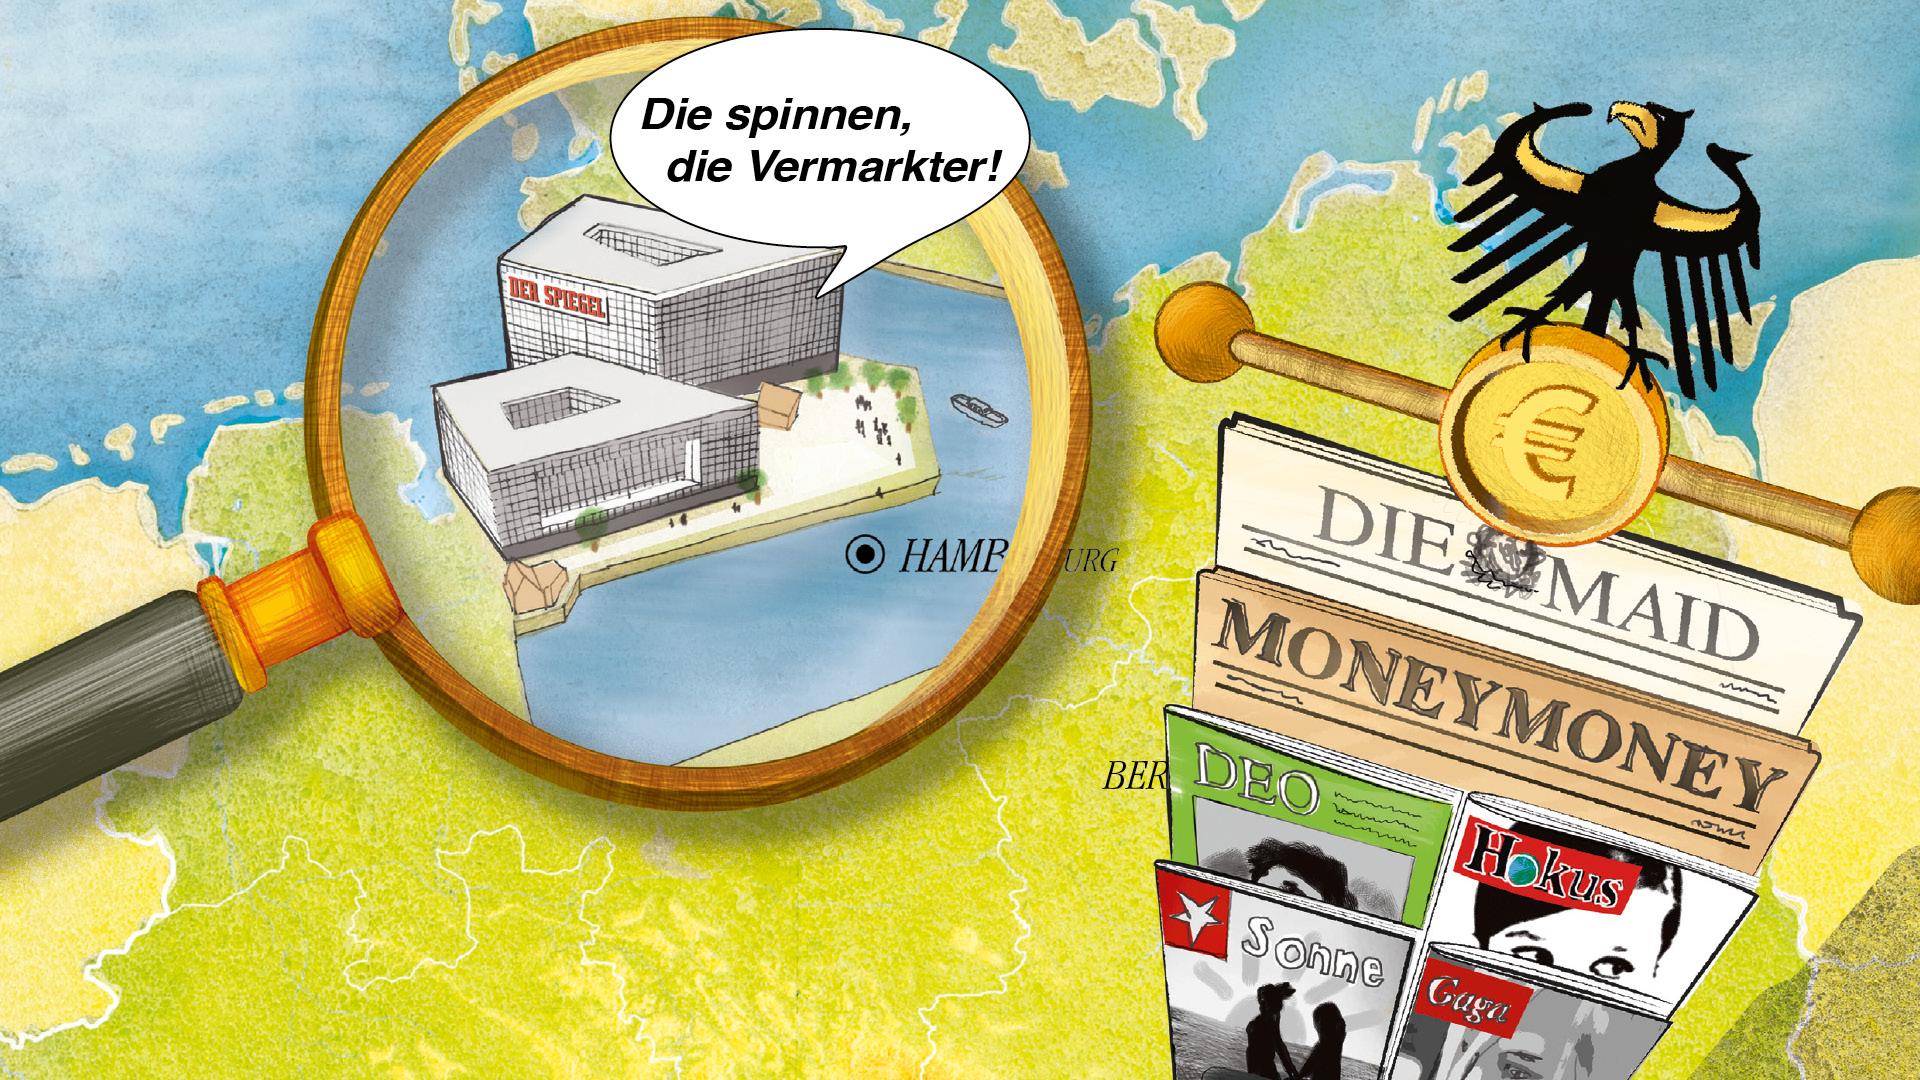 SPIEGEL QC Keyvisual ©gobasil GmbH ~ Agentur für Kommunikation, Hamburg Hannover